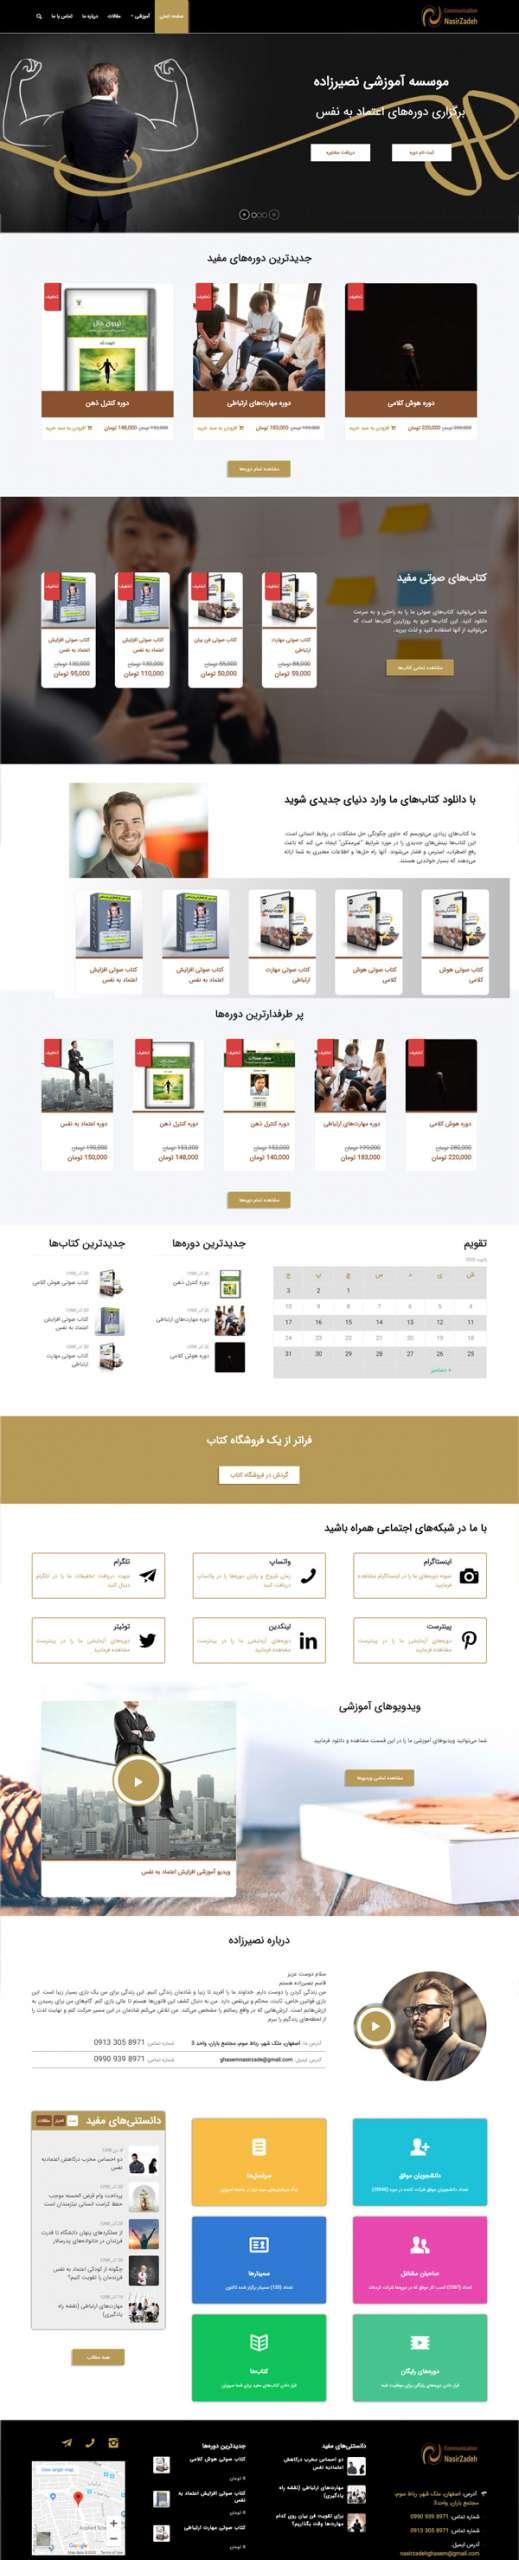 طراحی سایت نصیرزاده  آموزش مهارتهای فردی